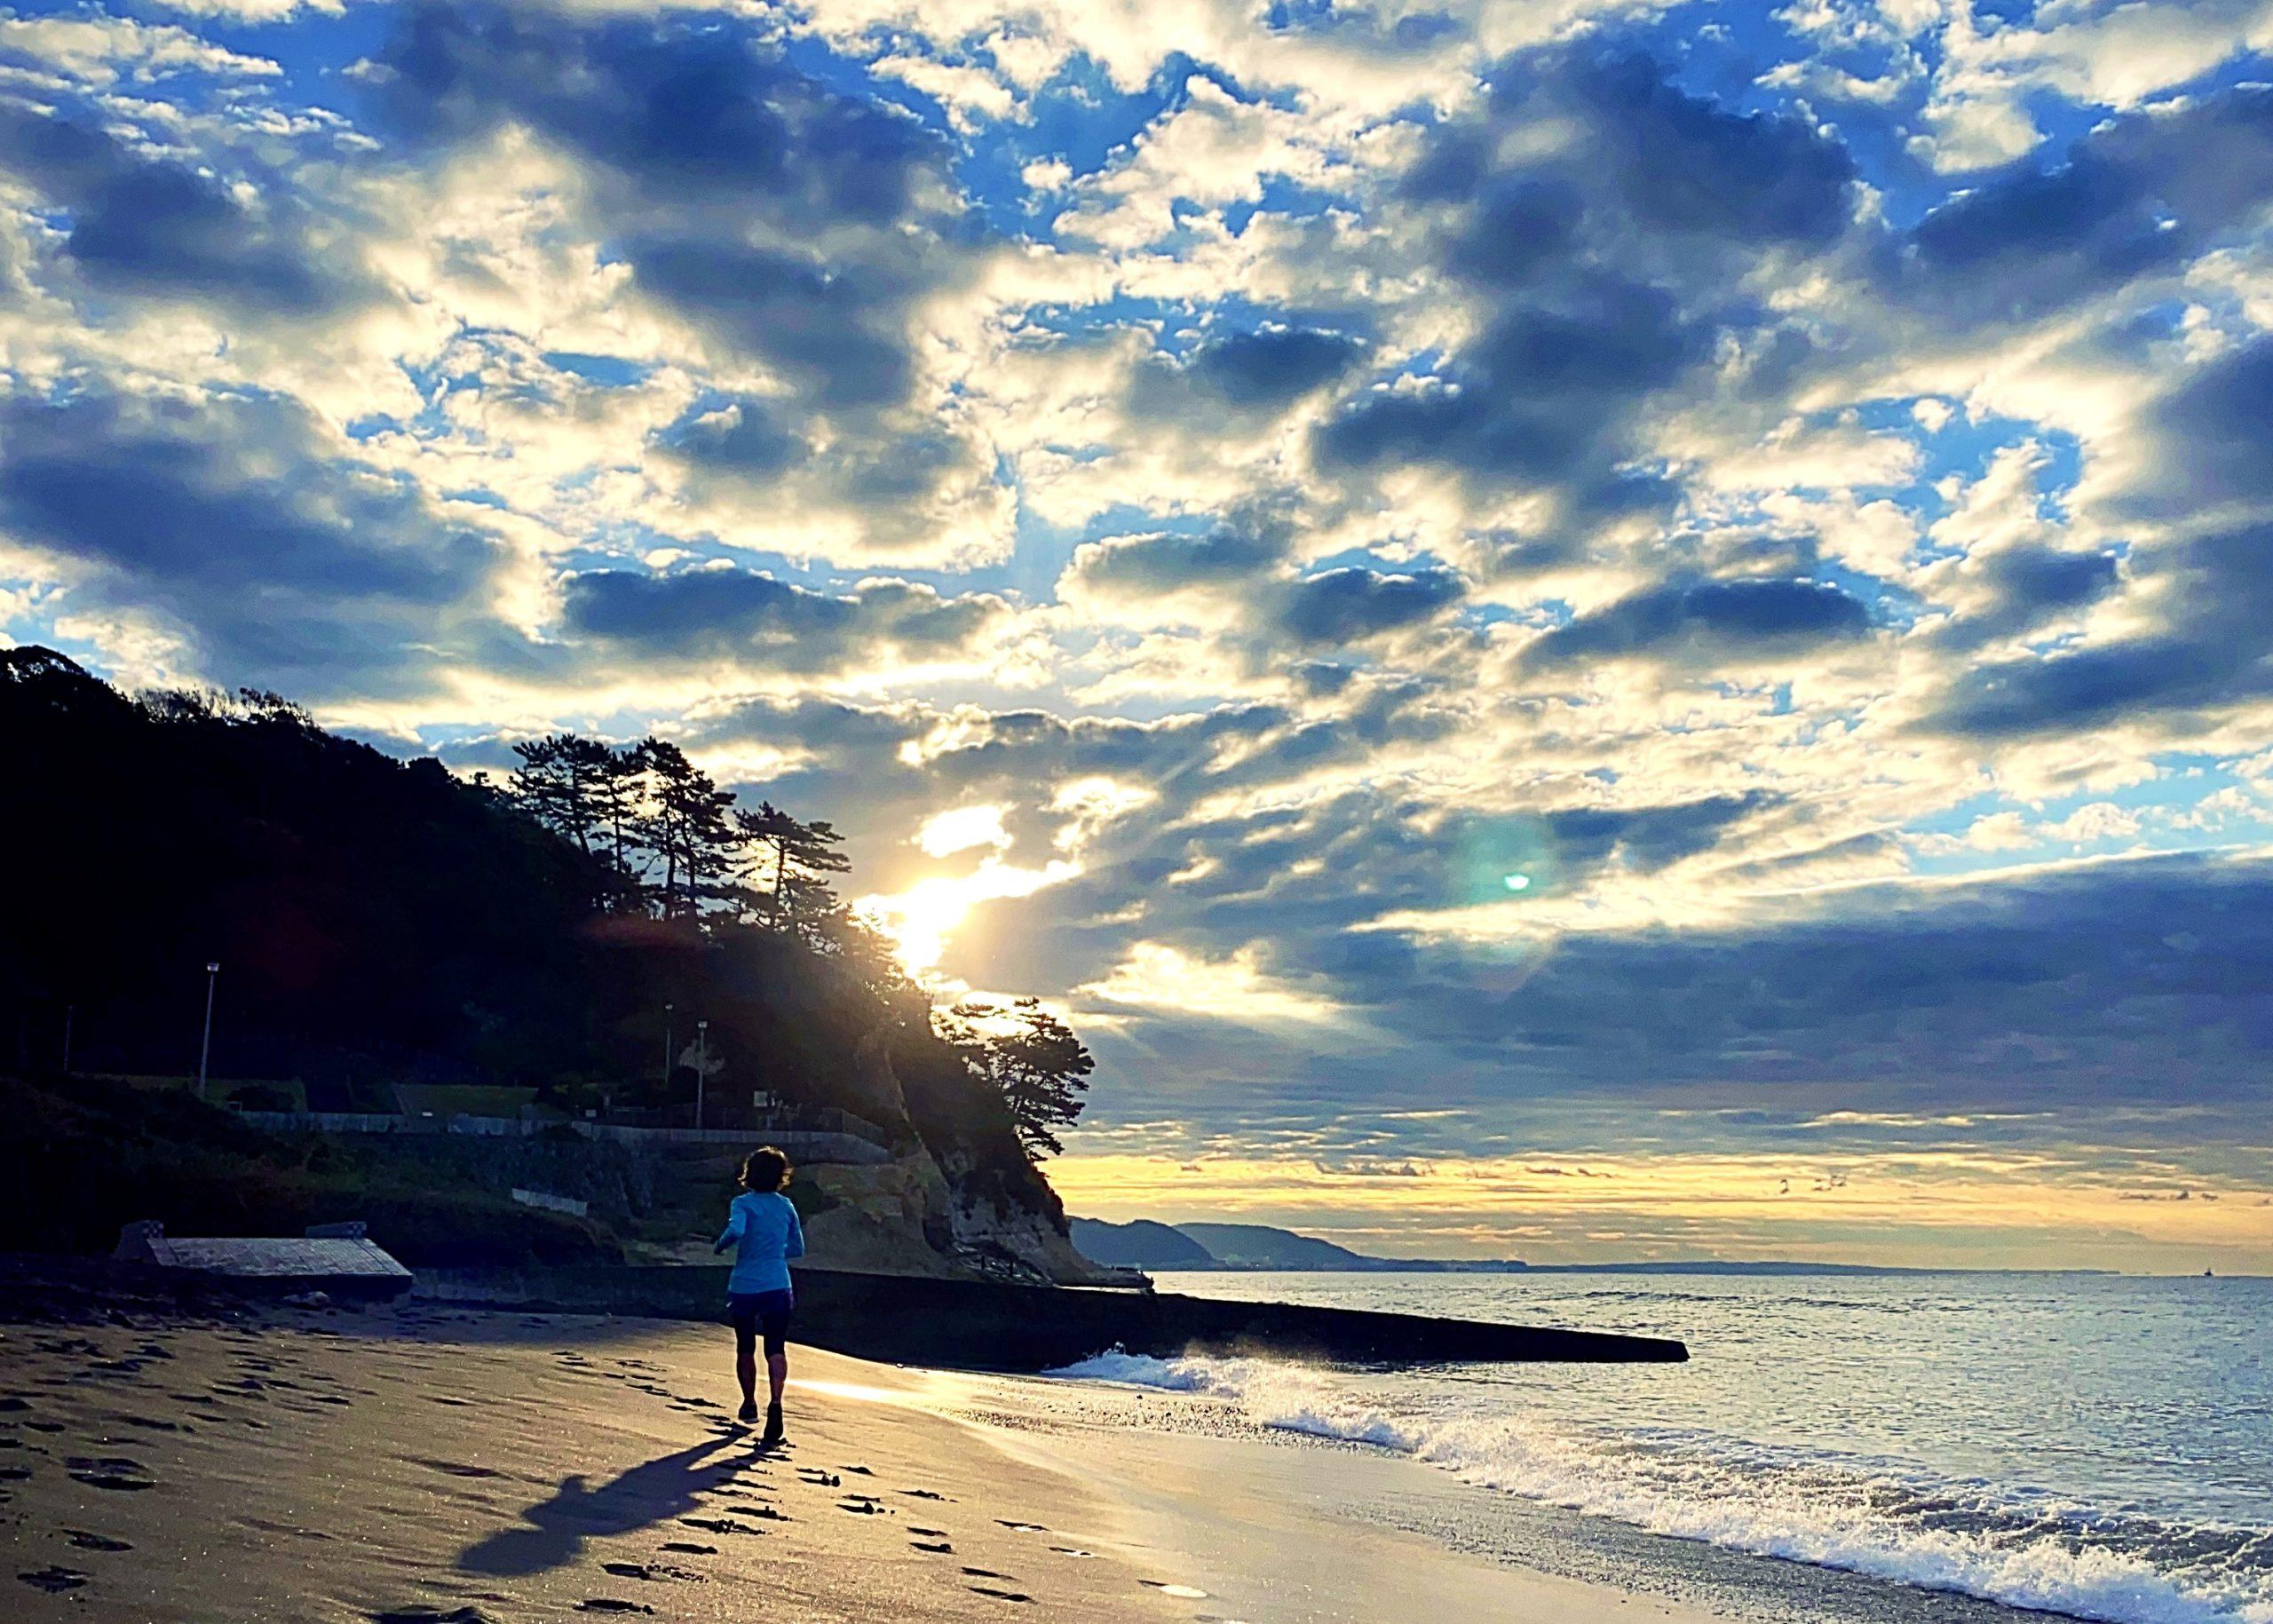 キラキラな太陽と雲のもと、稲村ヶ崎ラン